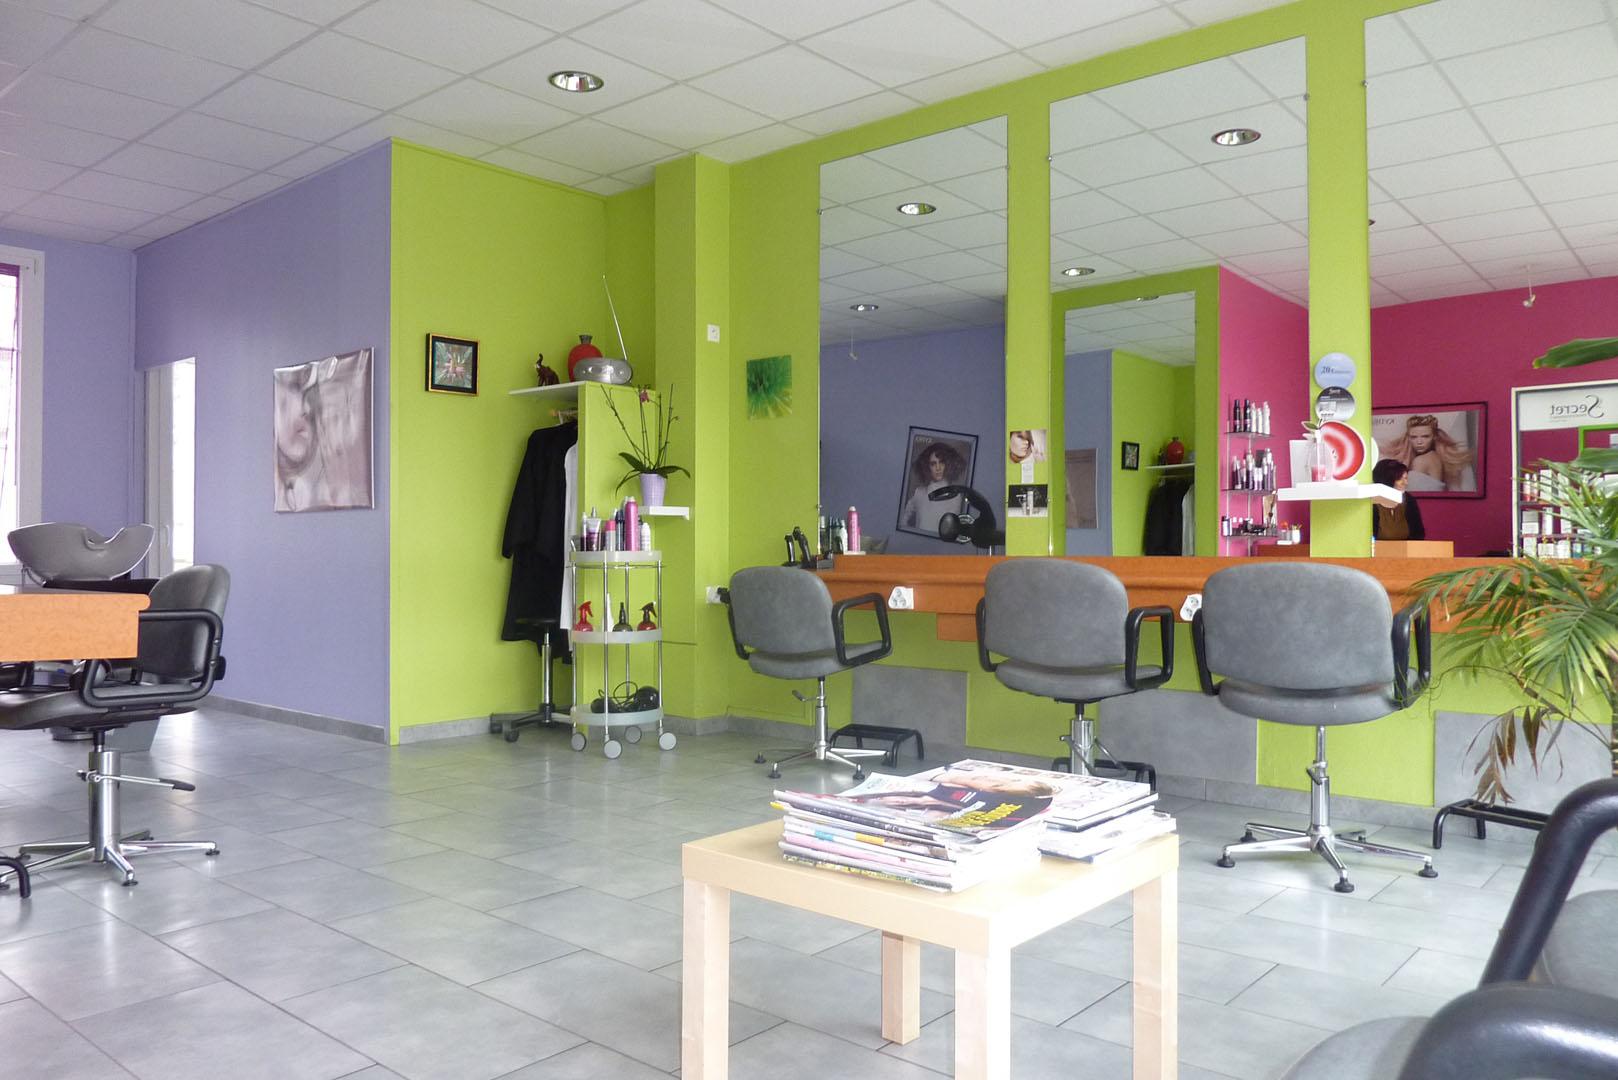 Vente salon coiffure rennes votre nouveau blog l gant for Salon coiffure rennes